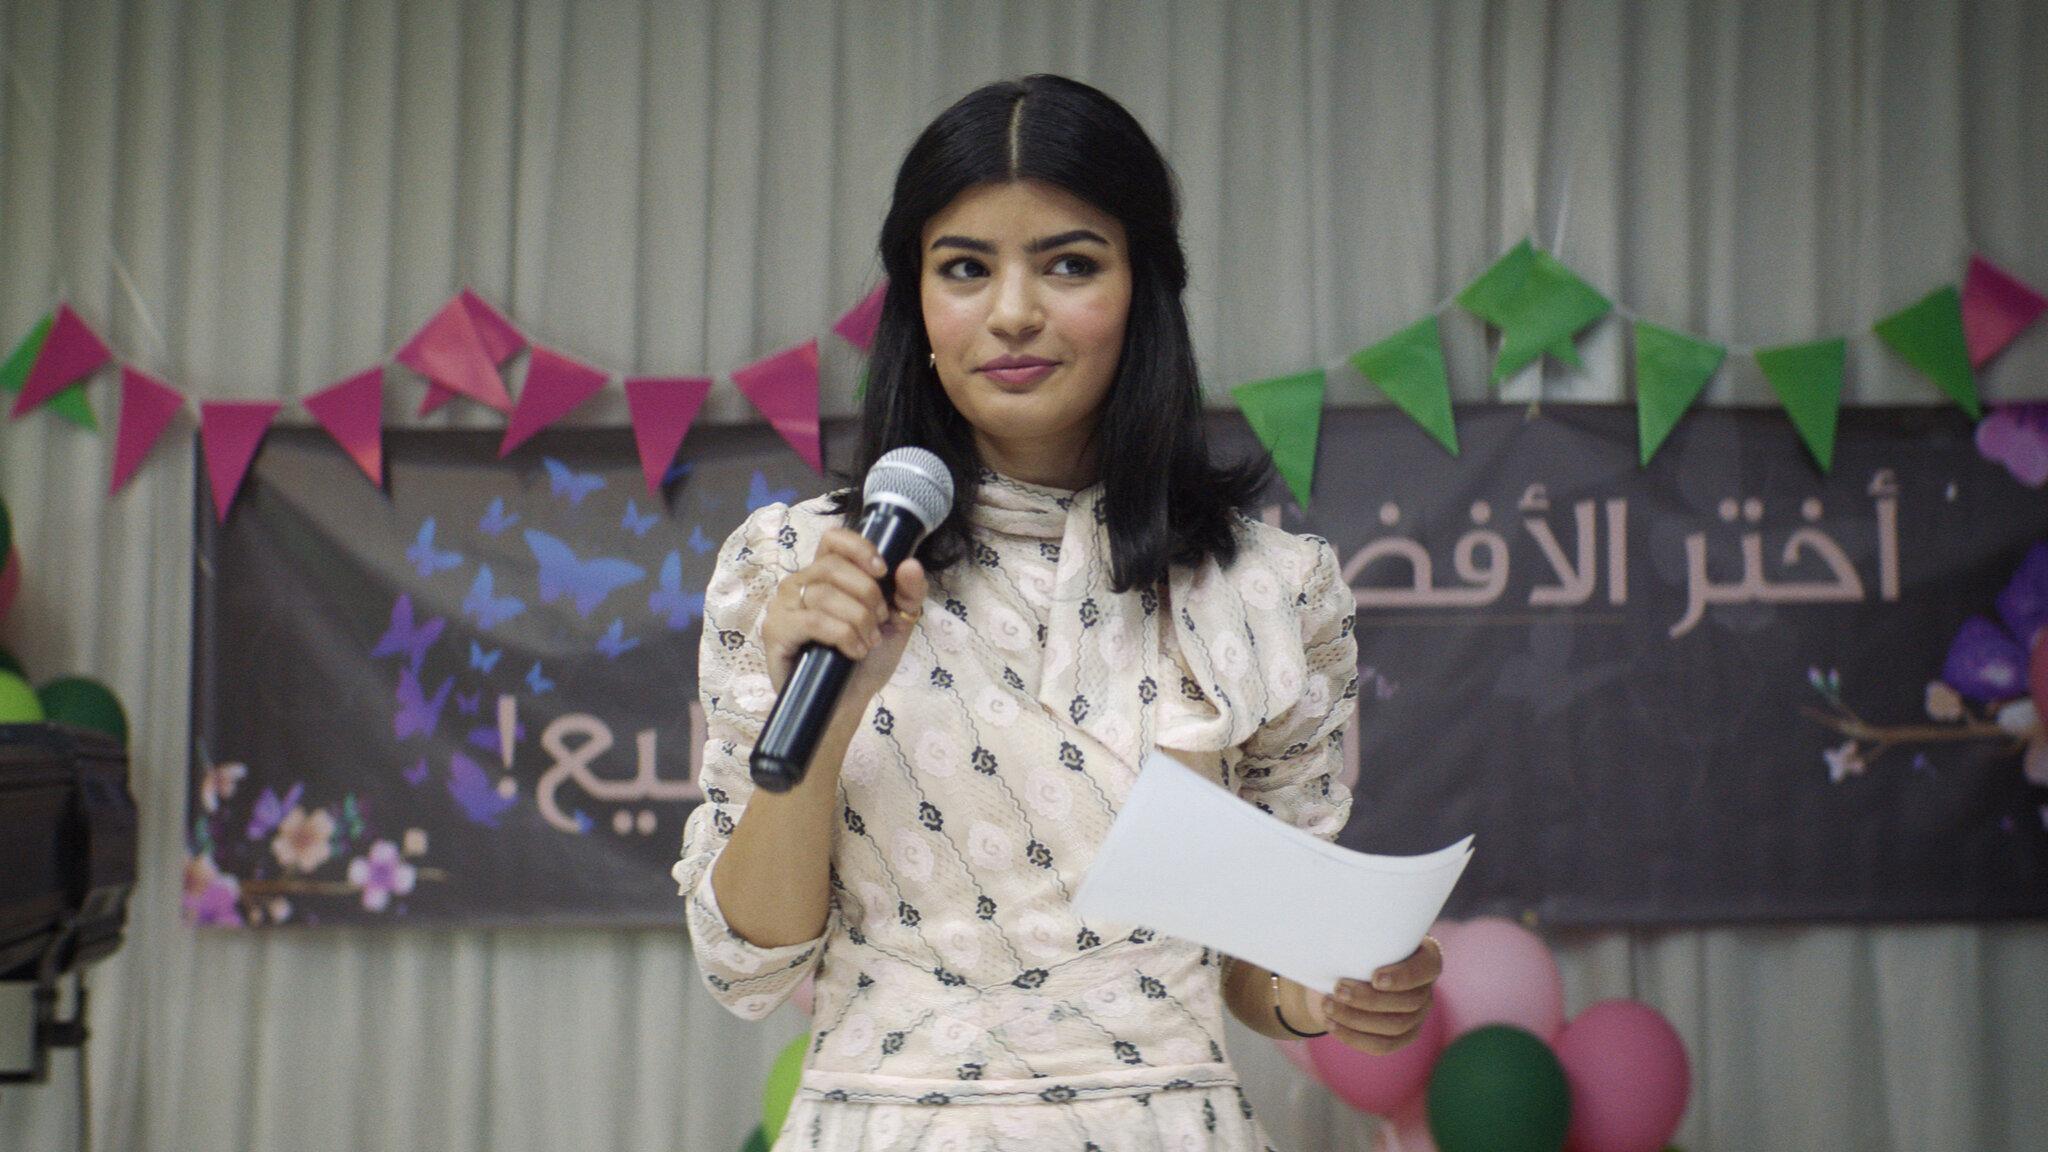 Cena do filme A Candidata Perfeita. Nela está a protagonista em pé, usando um vestido rosa com estampa e segurando um microfone. Seu cabelo está com a parte da frente presa. O fundo é uma parede branca decorada com bandeiras rosas e verdes, além de uma placa preta.